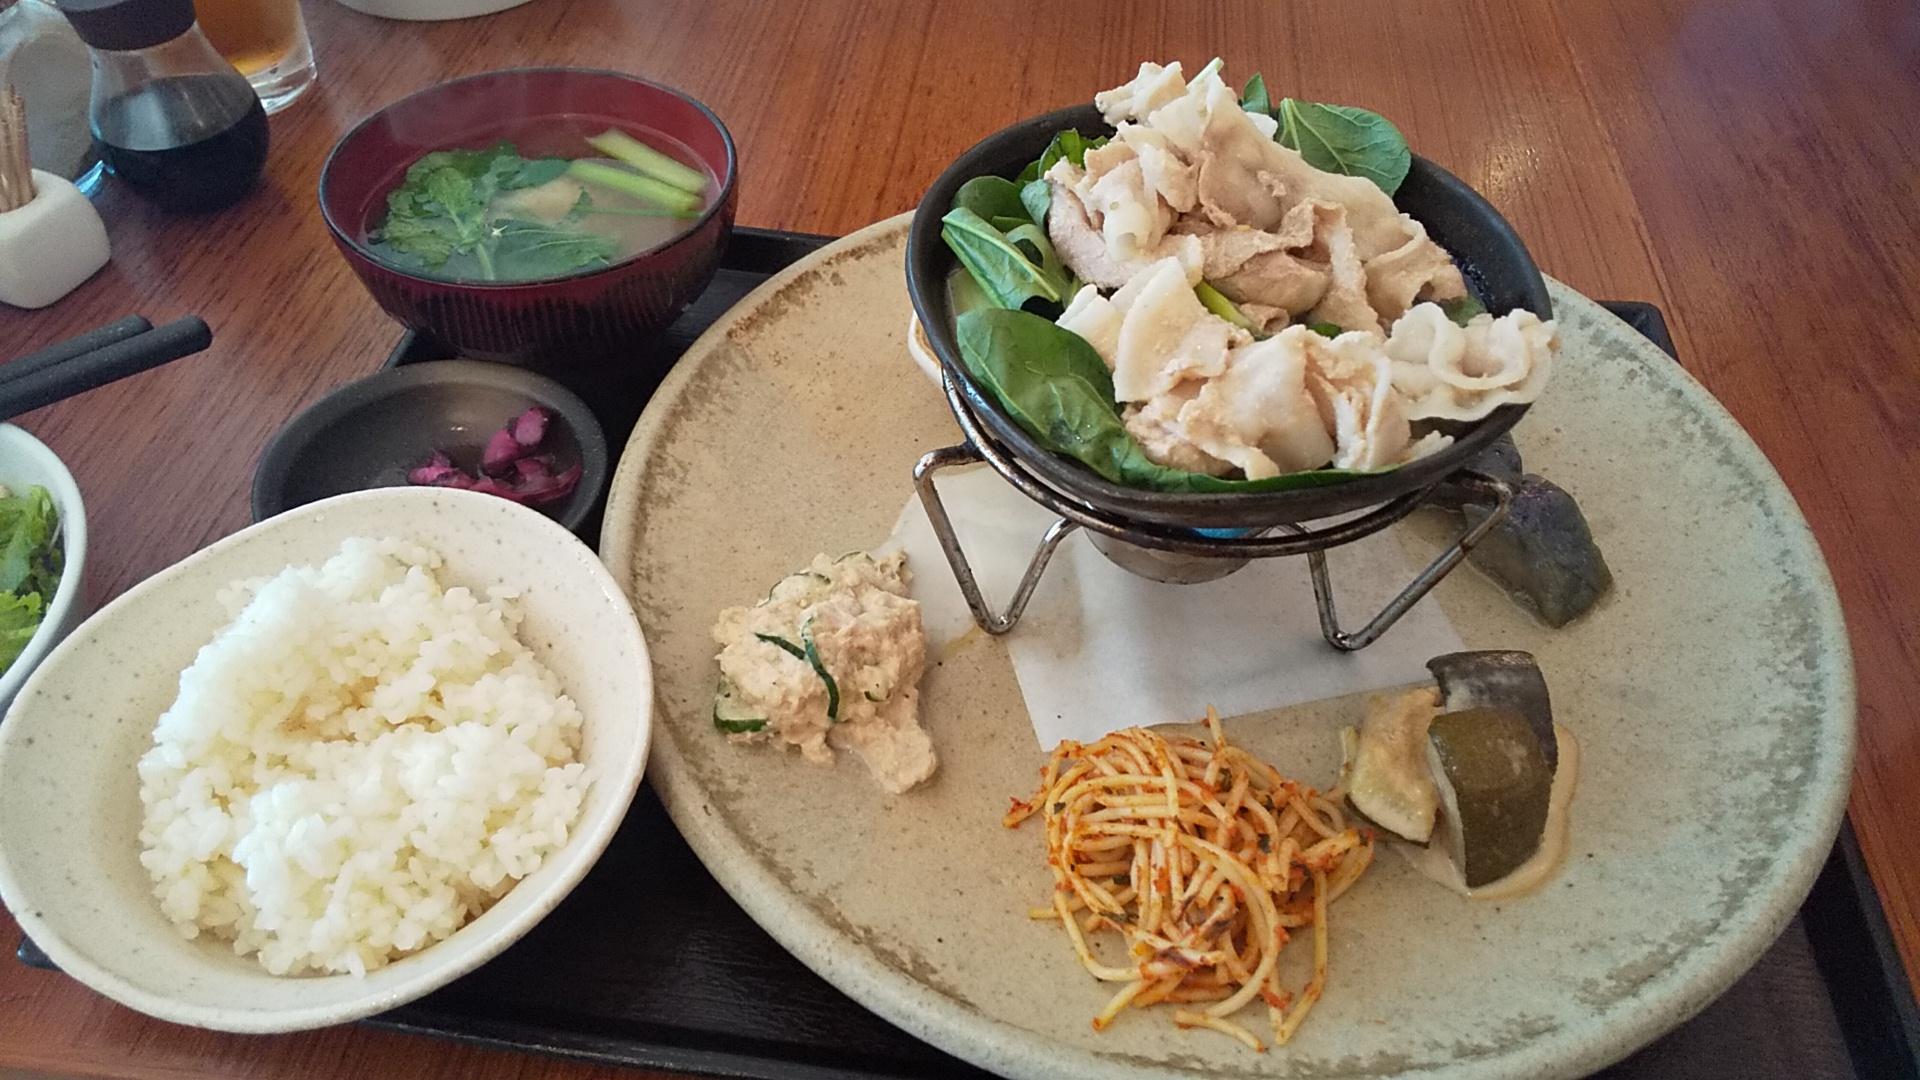 野菜不足解消!自家製野菜たっぷりのランチ in 北新地